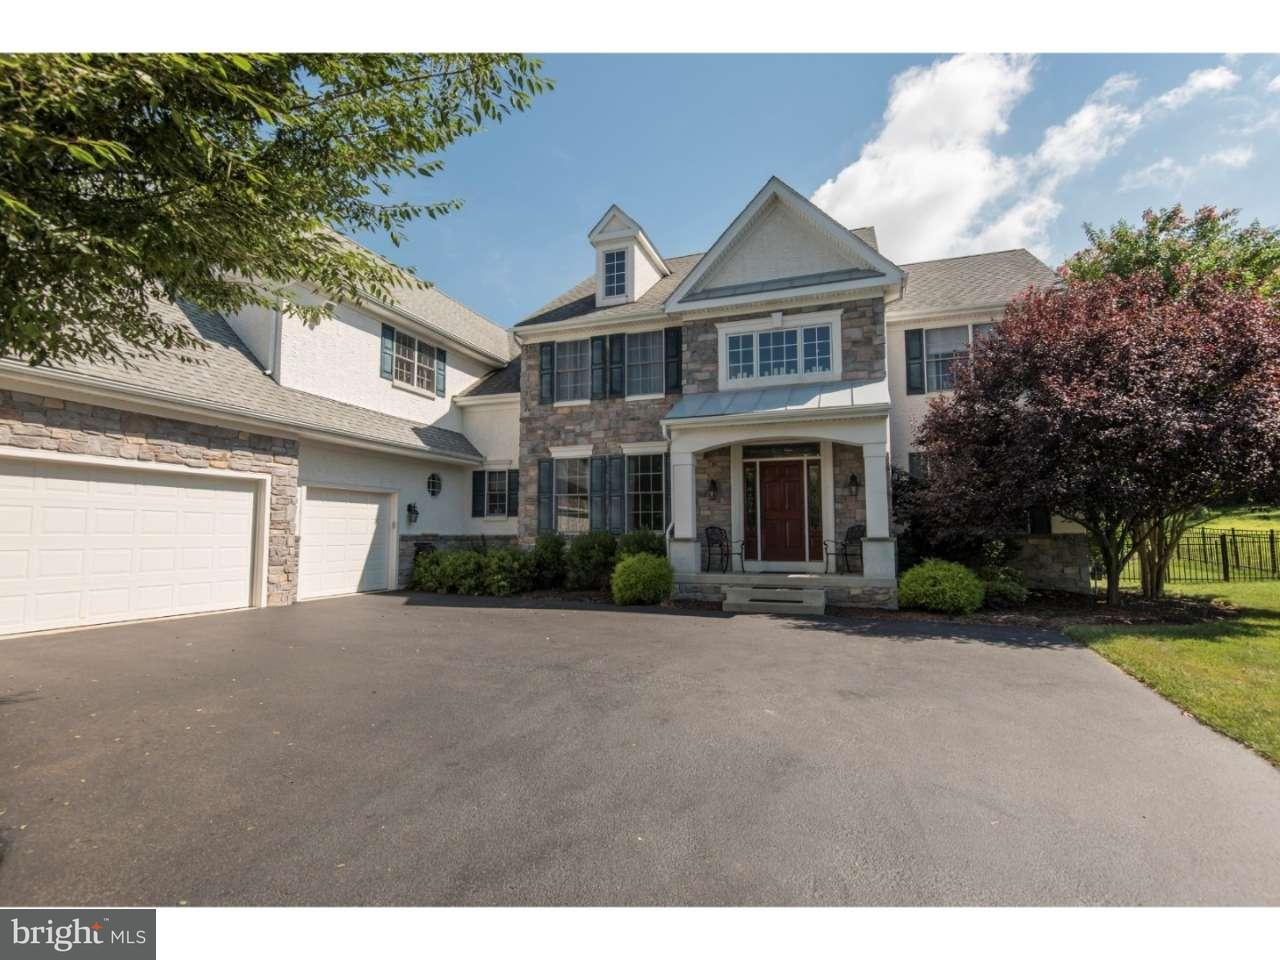 独户住宅 为 销售 在 5 BROOM Court Garnet Valley, 宾夕法尼亚州 19061 美国